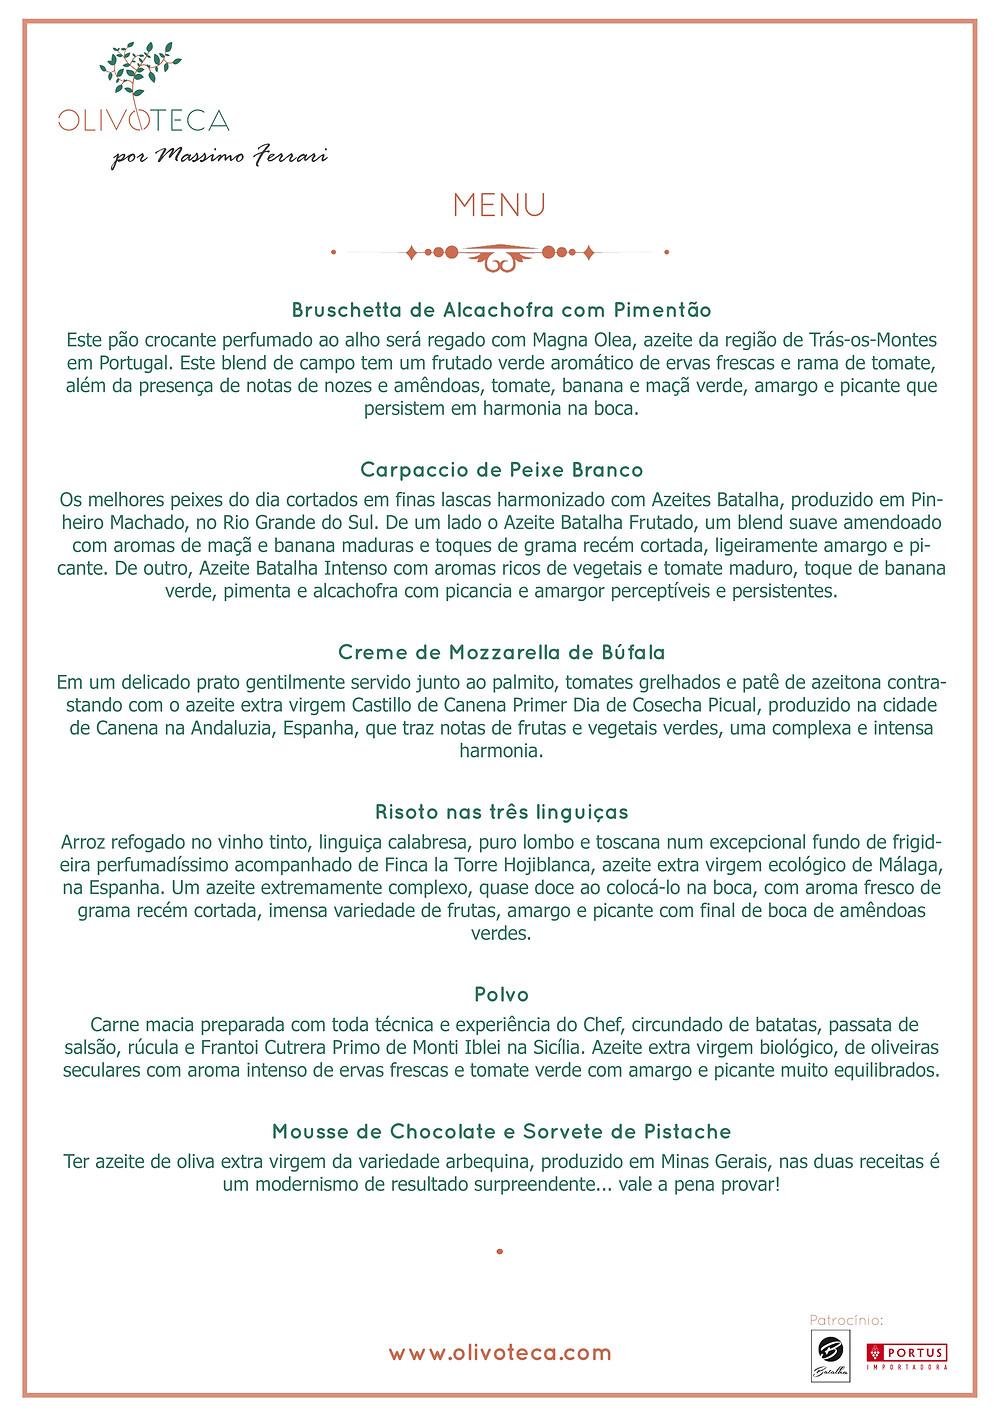 Menu desenvolvido pela Olivoteca com o Chef Massimo Ferrari